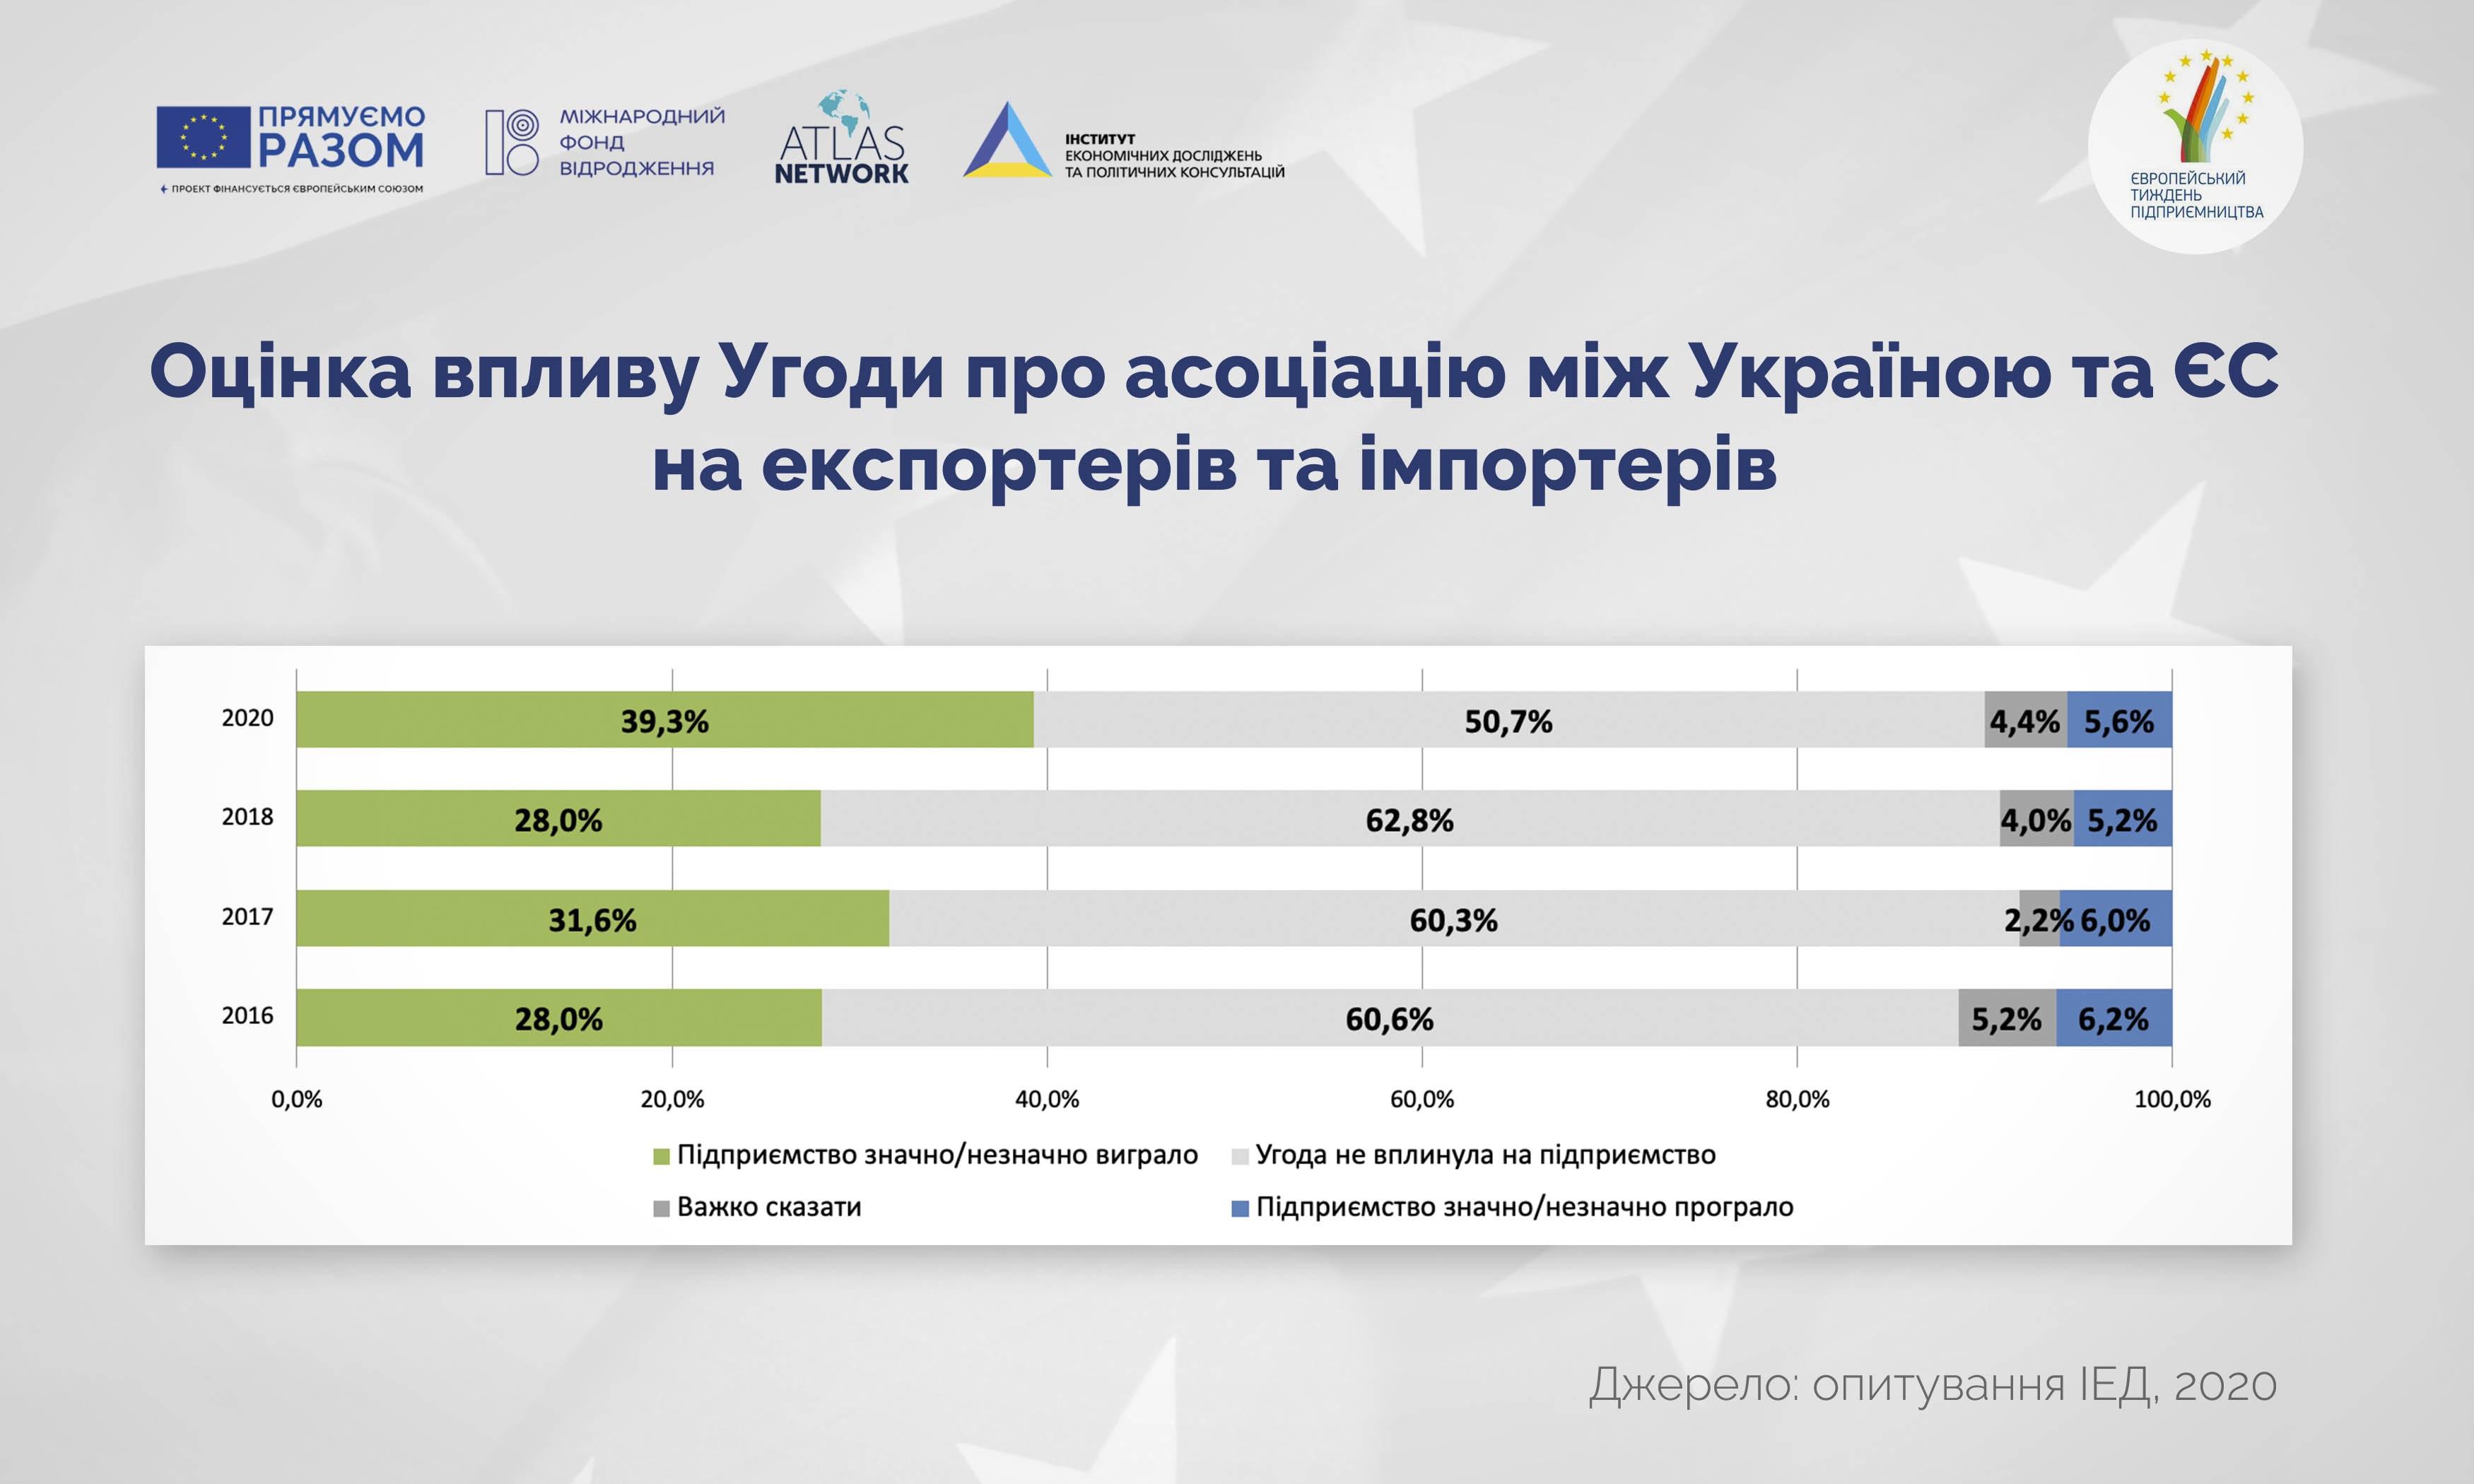 Від Угоди про асоціацію з ЄС виграли у 7 разів більше експортерів та імпортерів, ніж програли